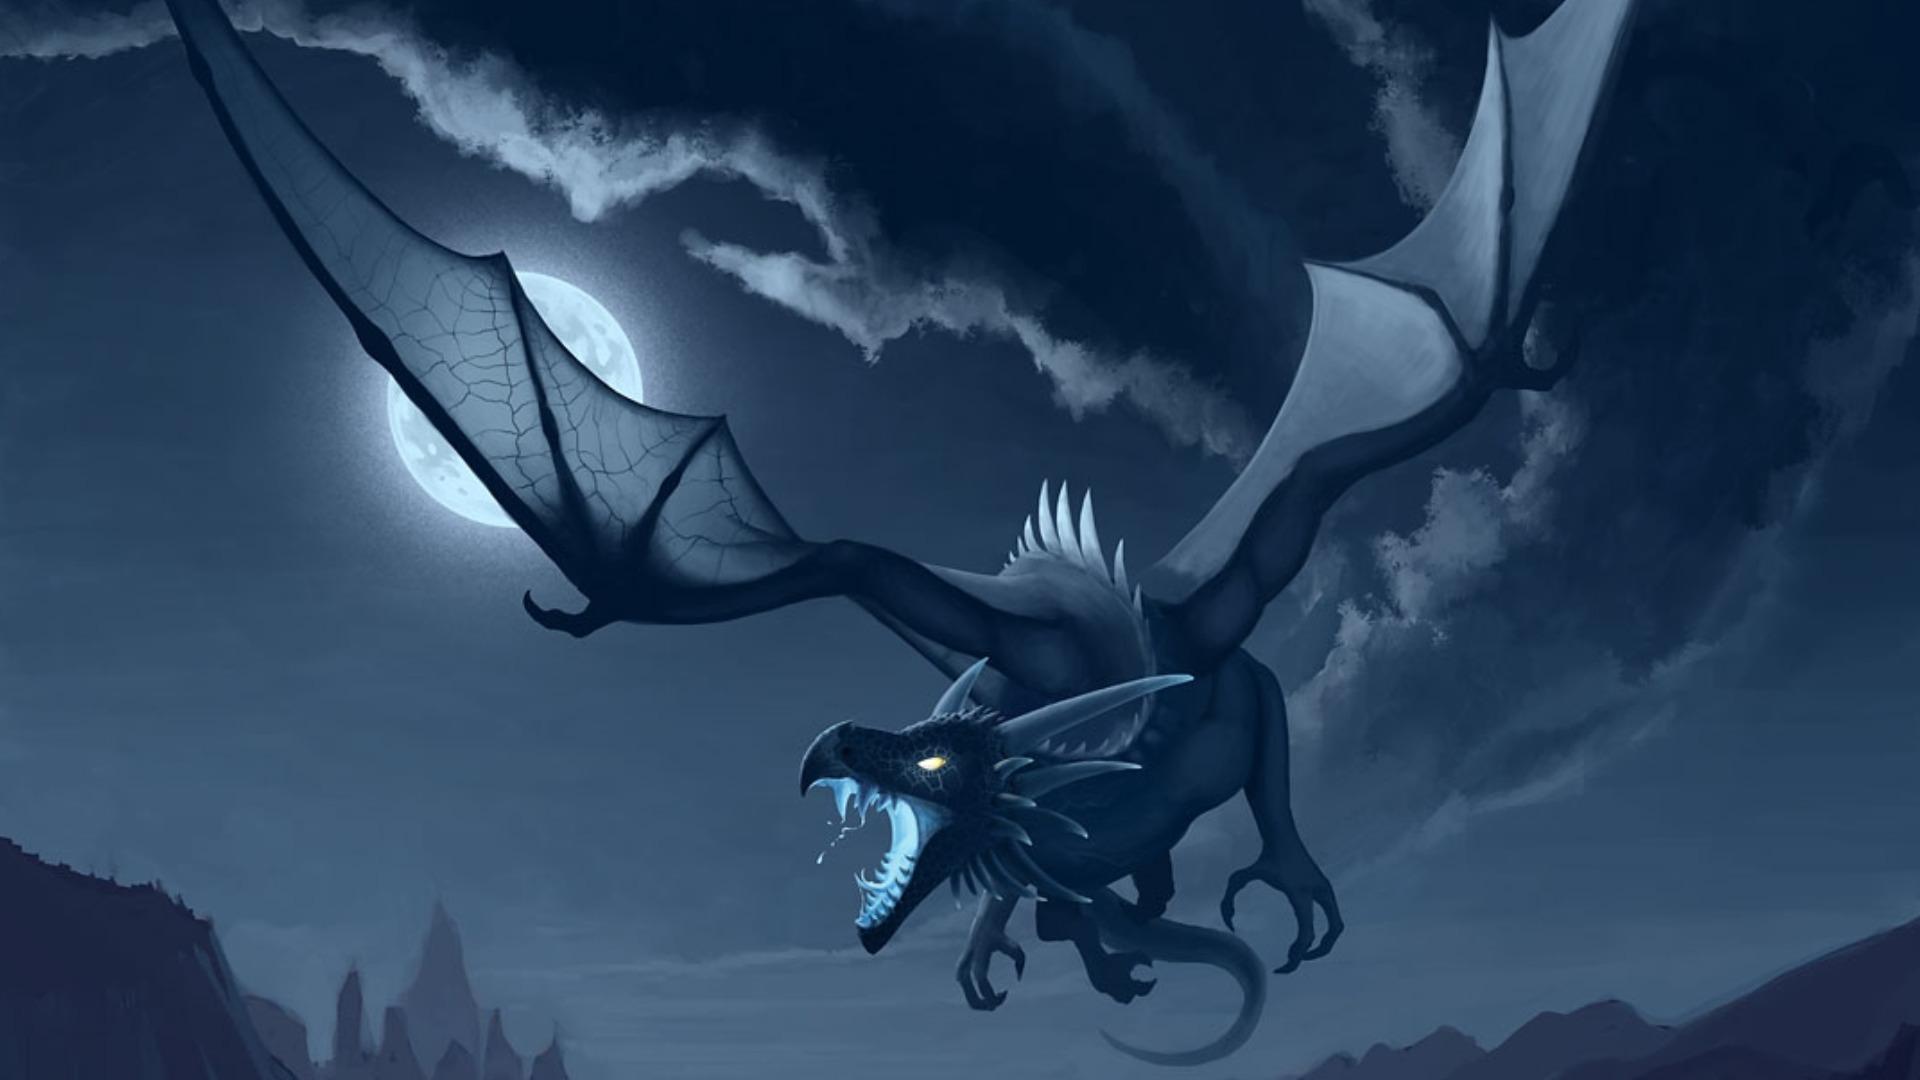 dragon wallpaper 41602